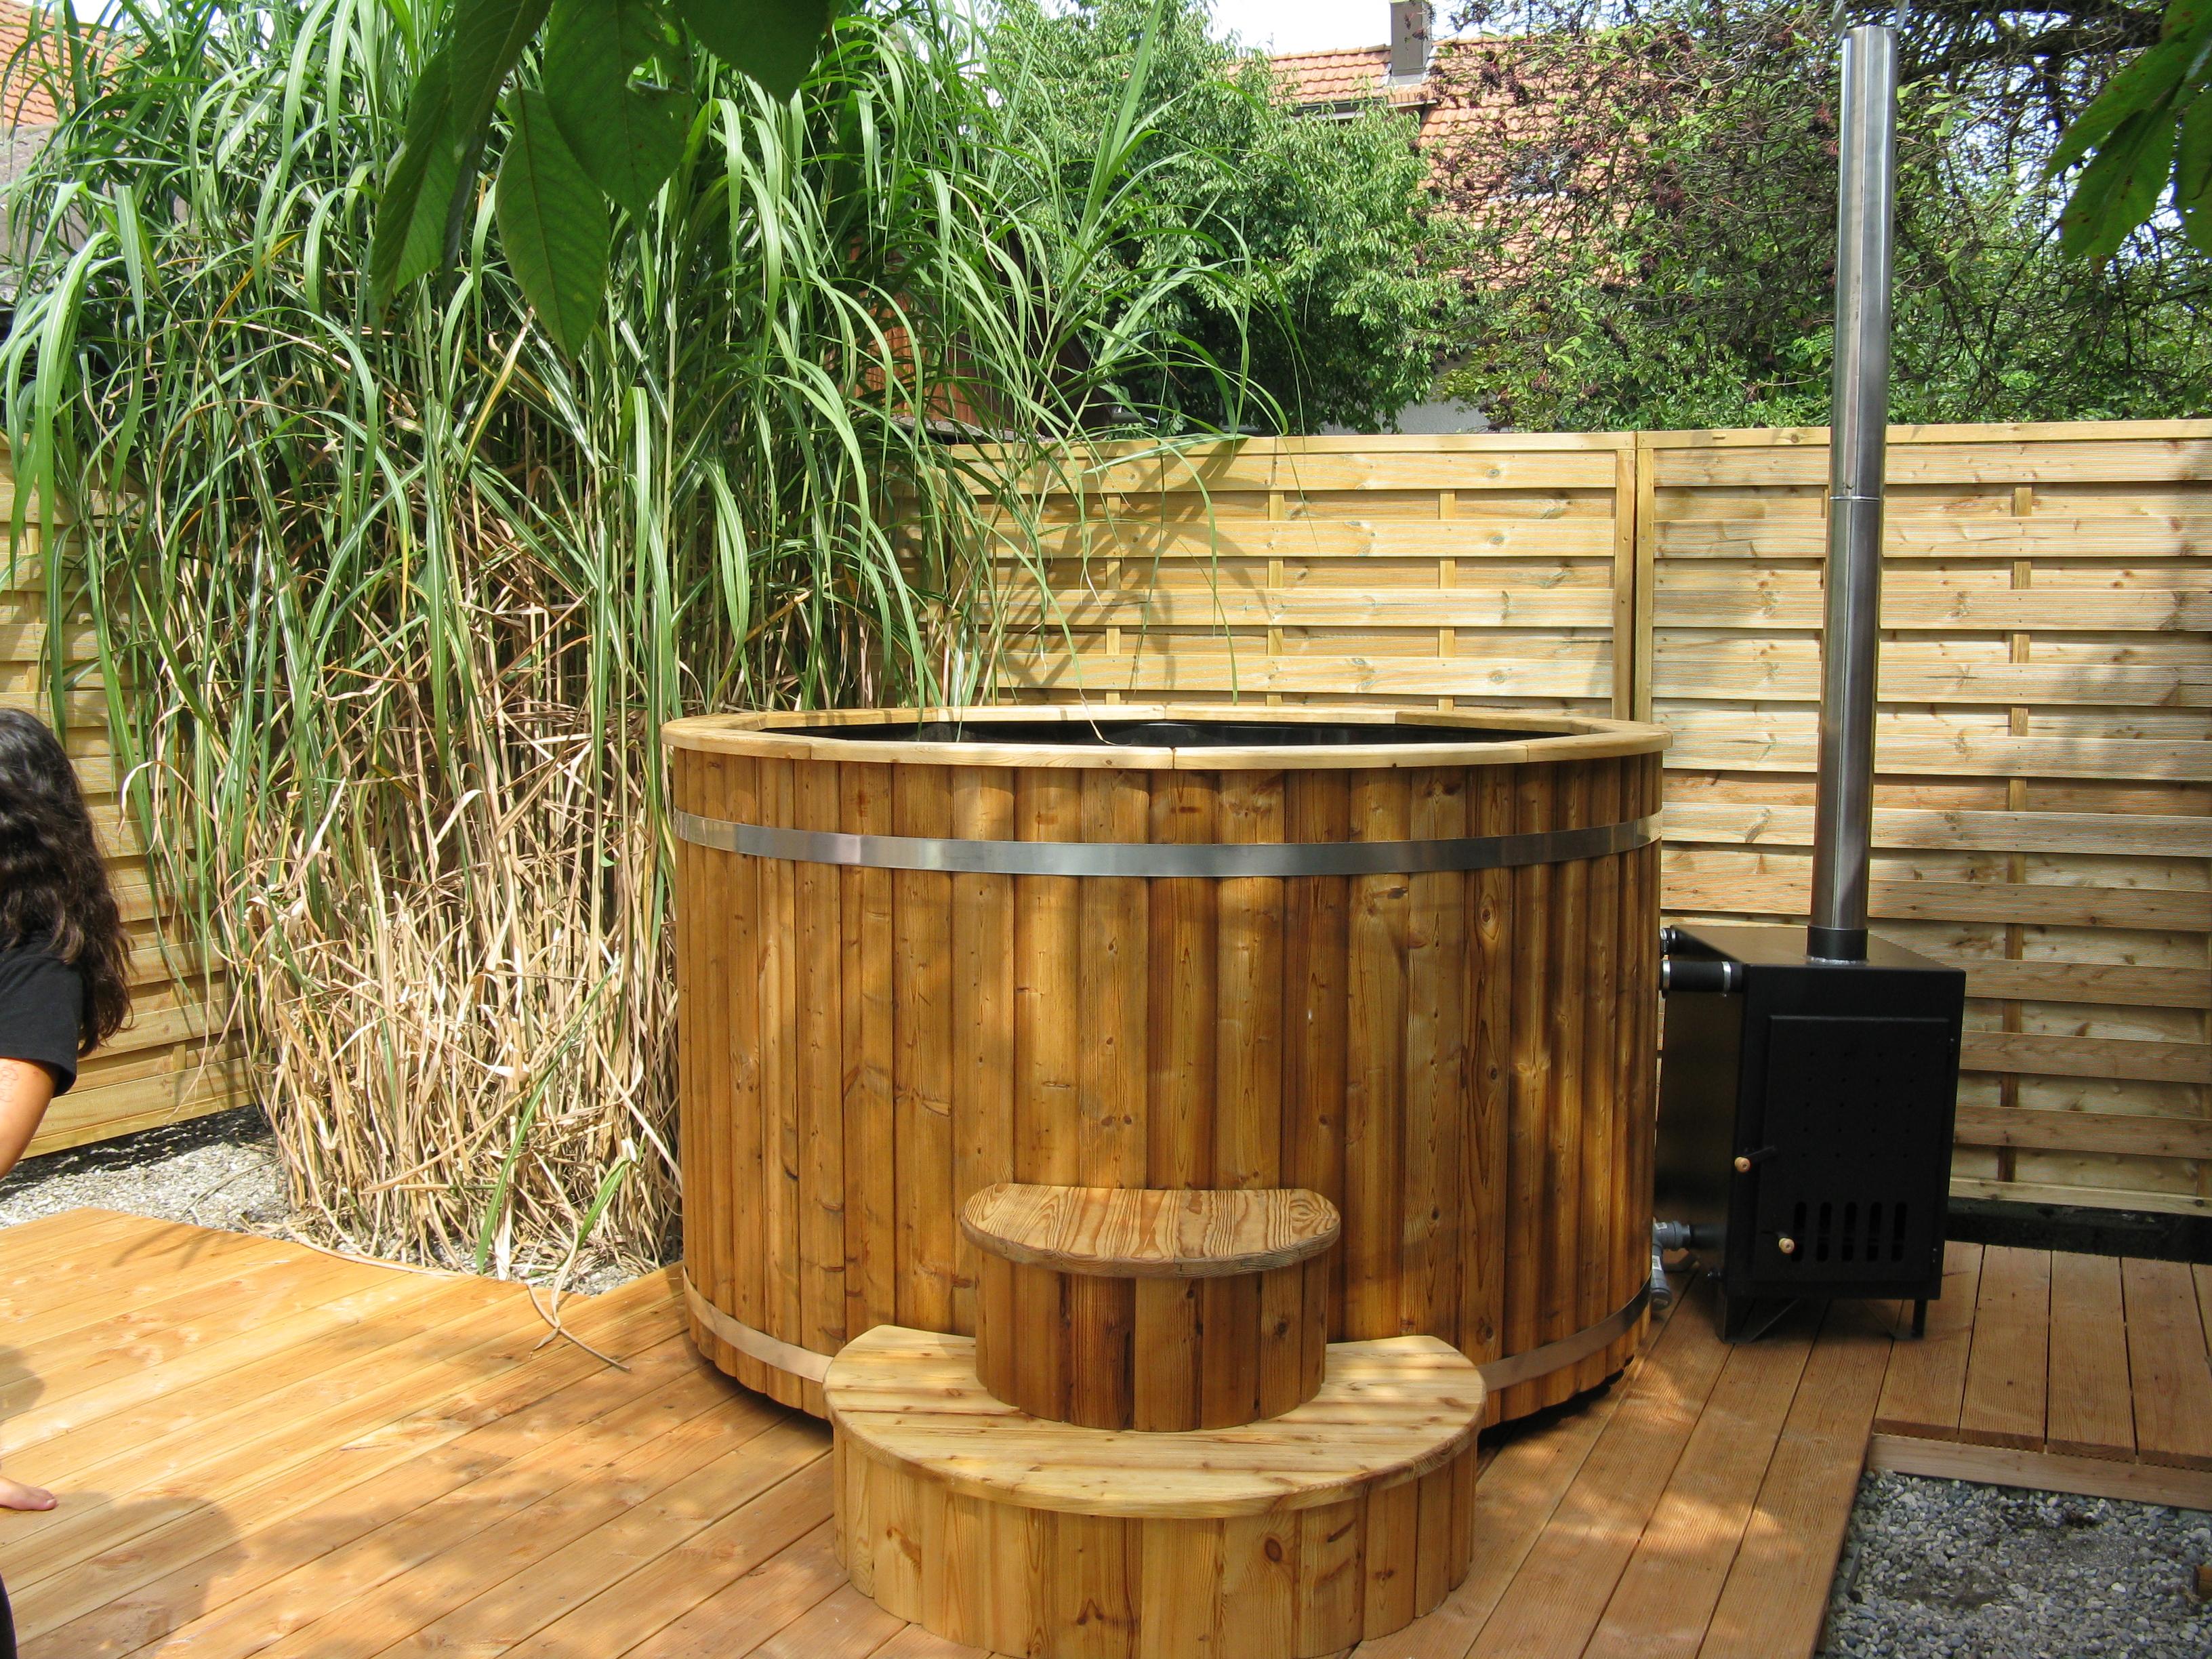 Atemberaubend Badezuber 200cm aus Thermoholz mit Kunststoff und Außenofen &PJ_42